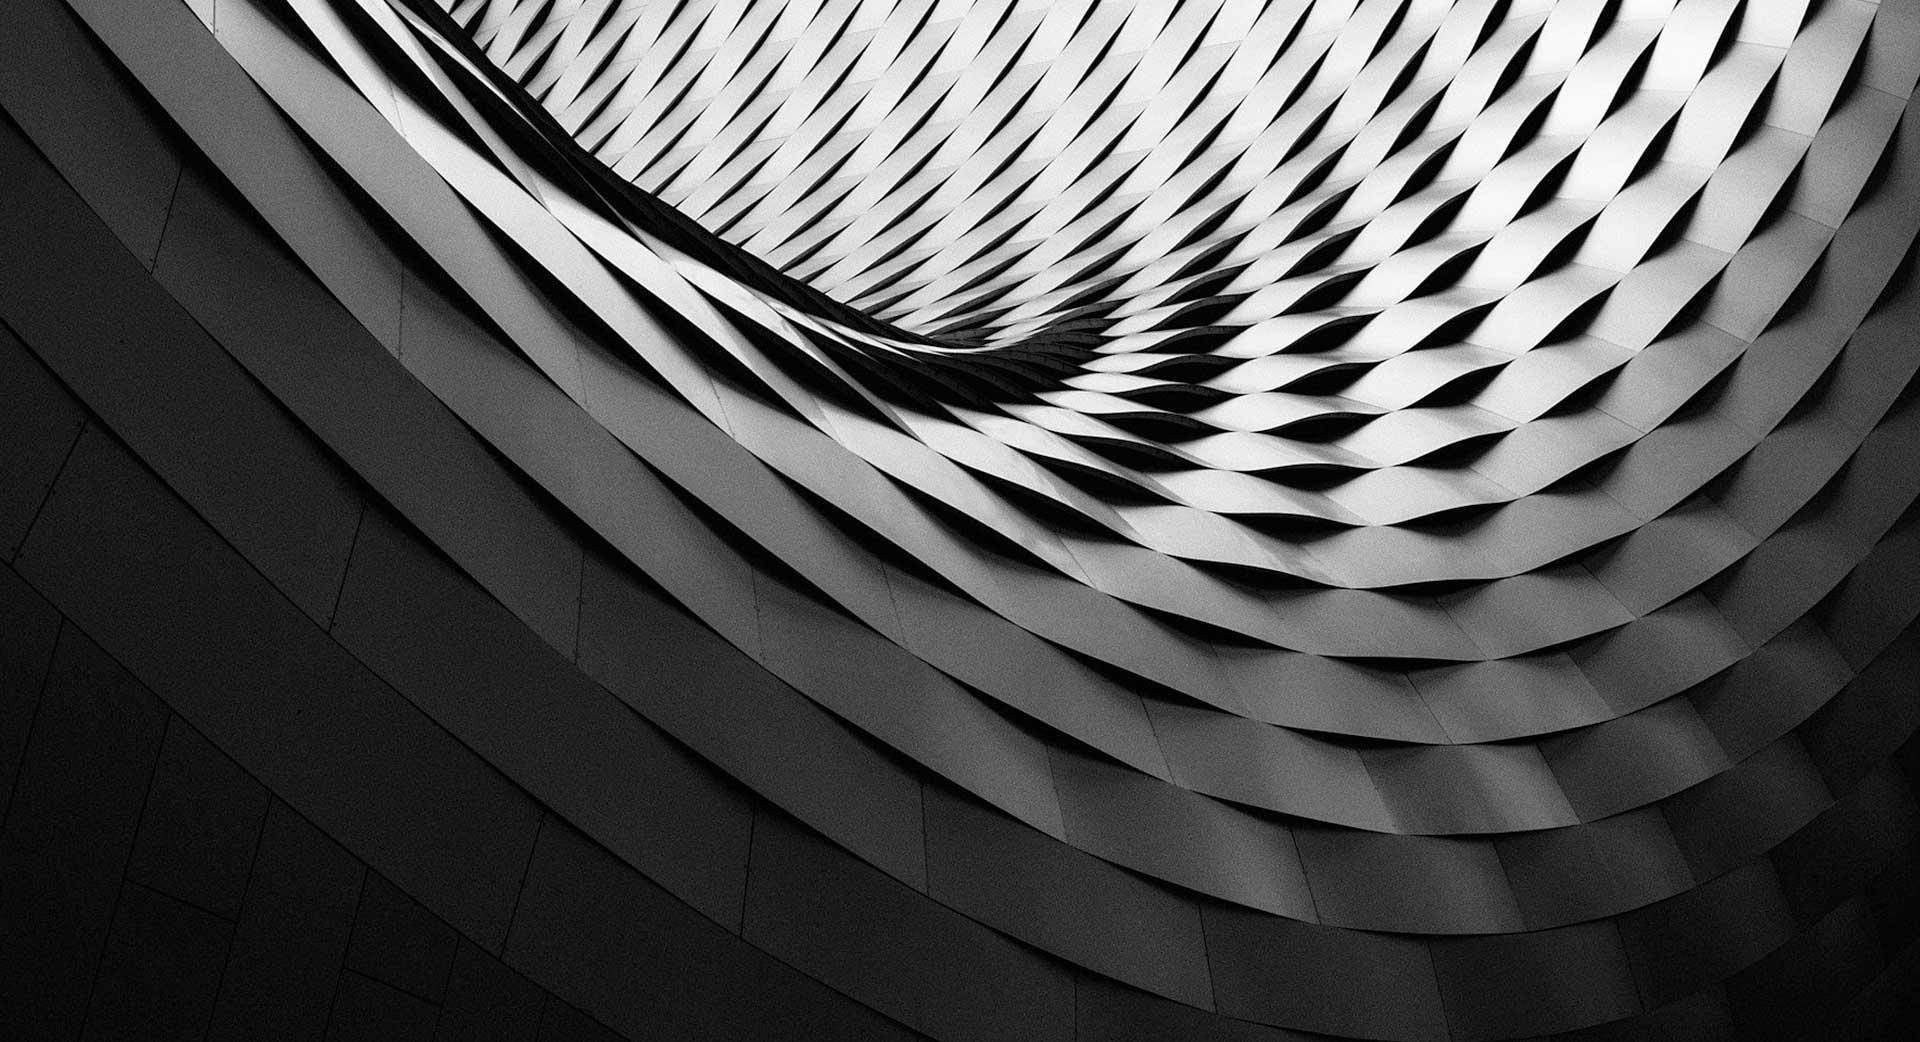 superficie organica parametrica design